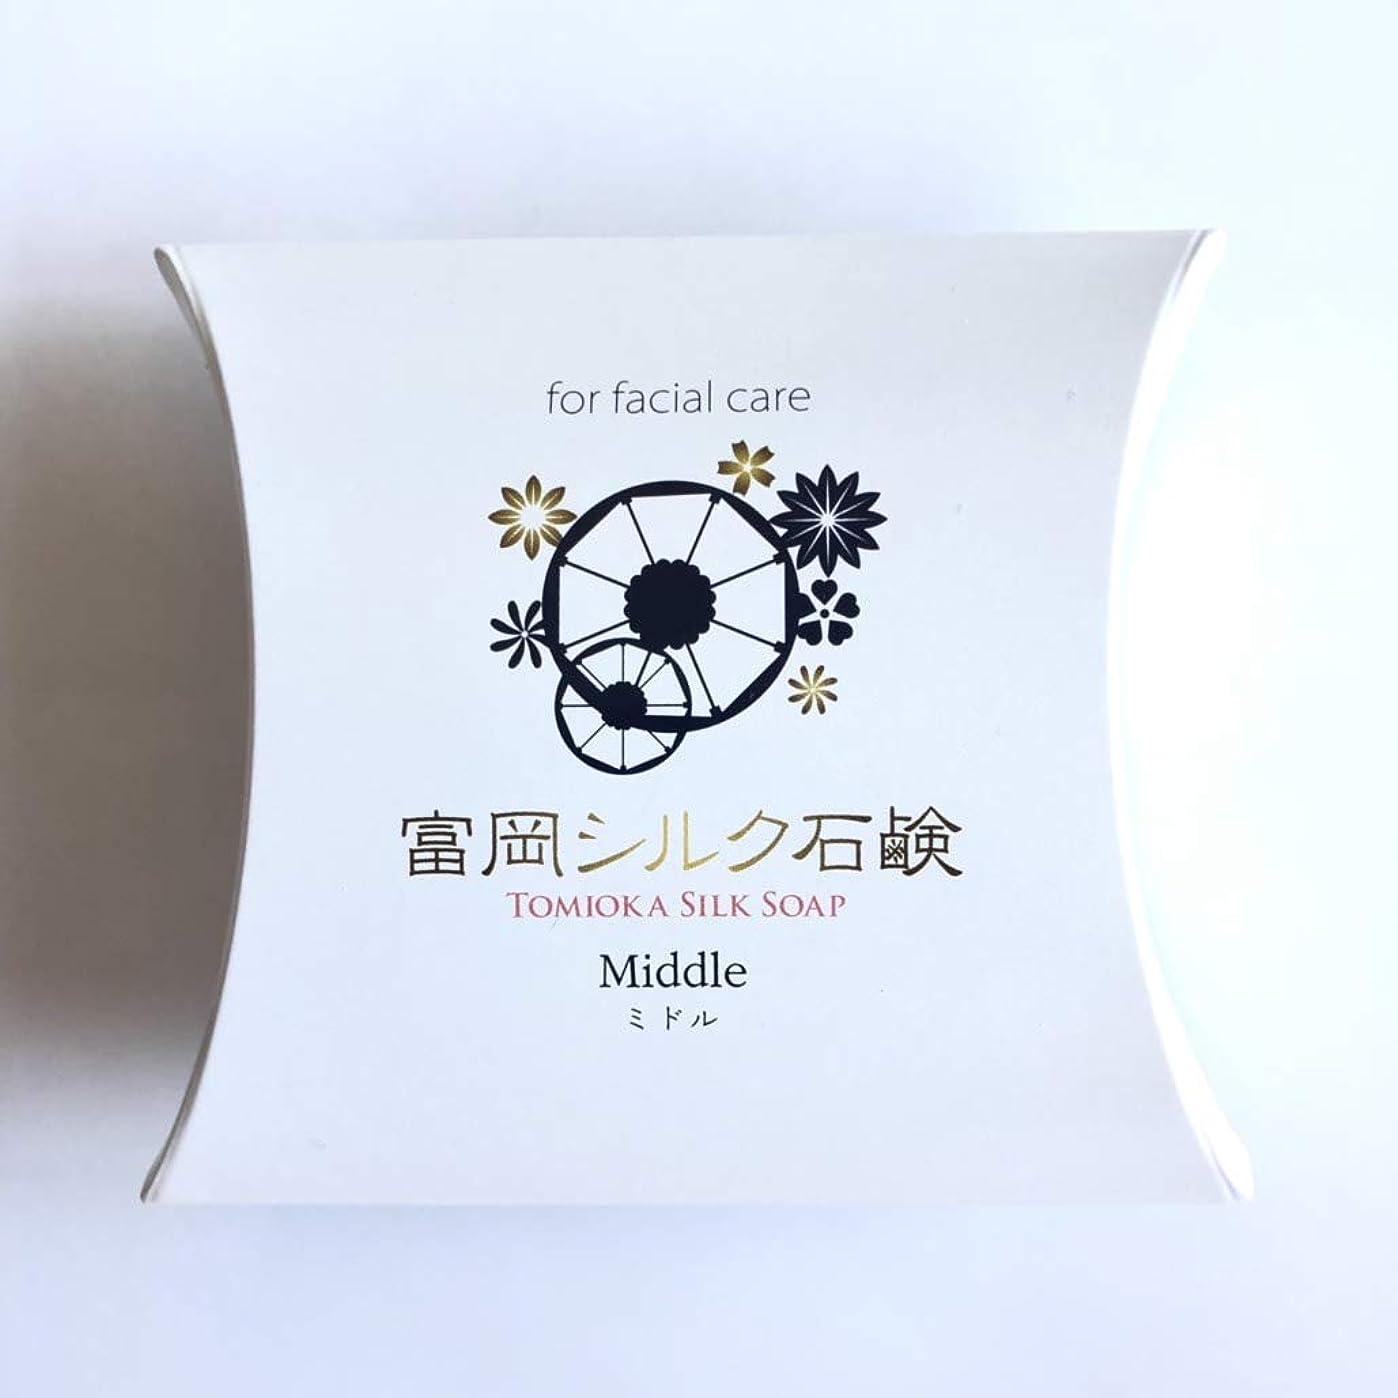 里親みぞれ仮定する絹工房 富岡シルク石鹸 ミドルサイズ(40g)